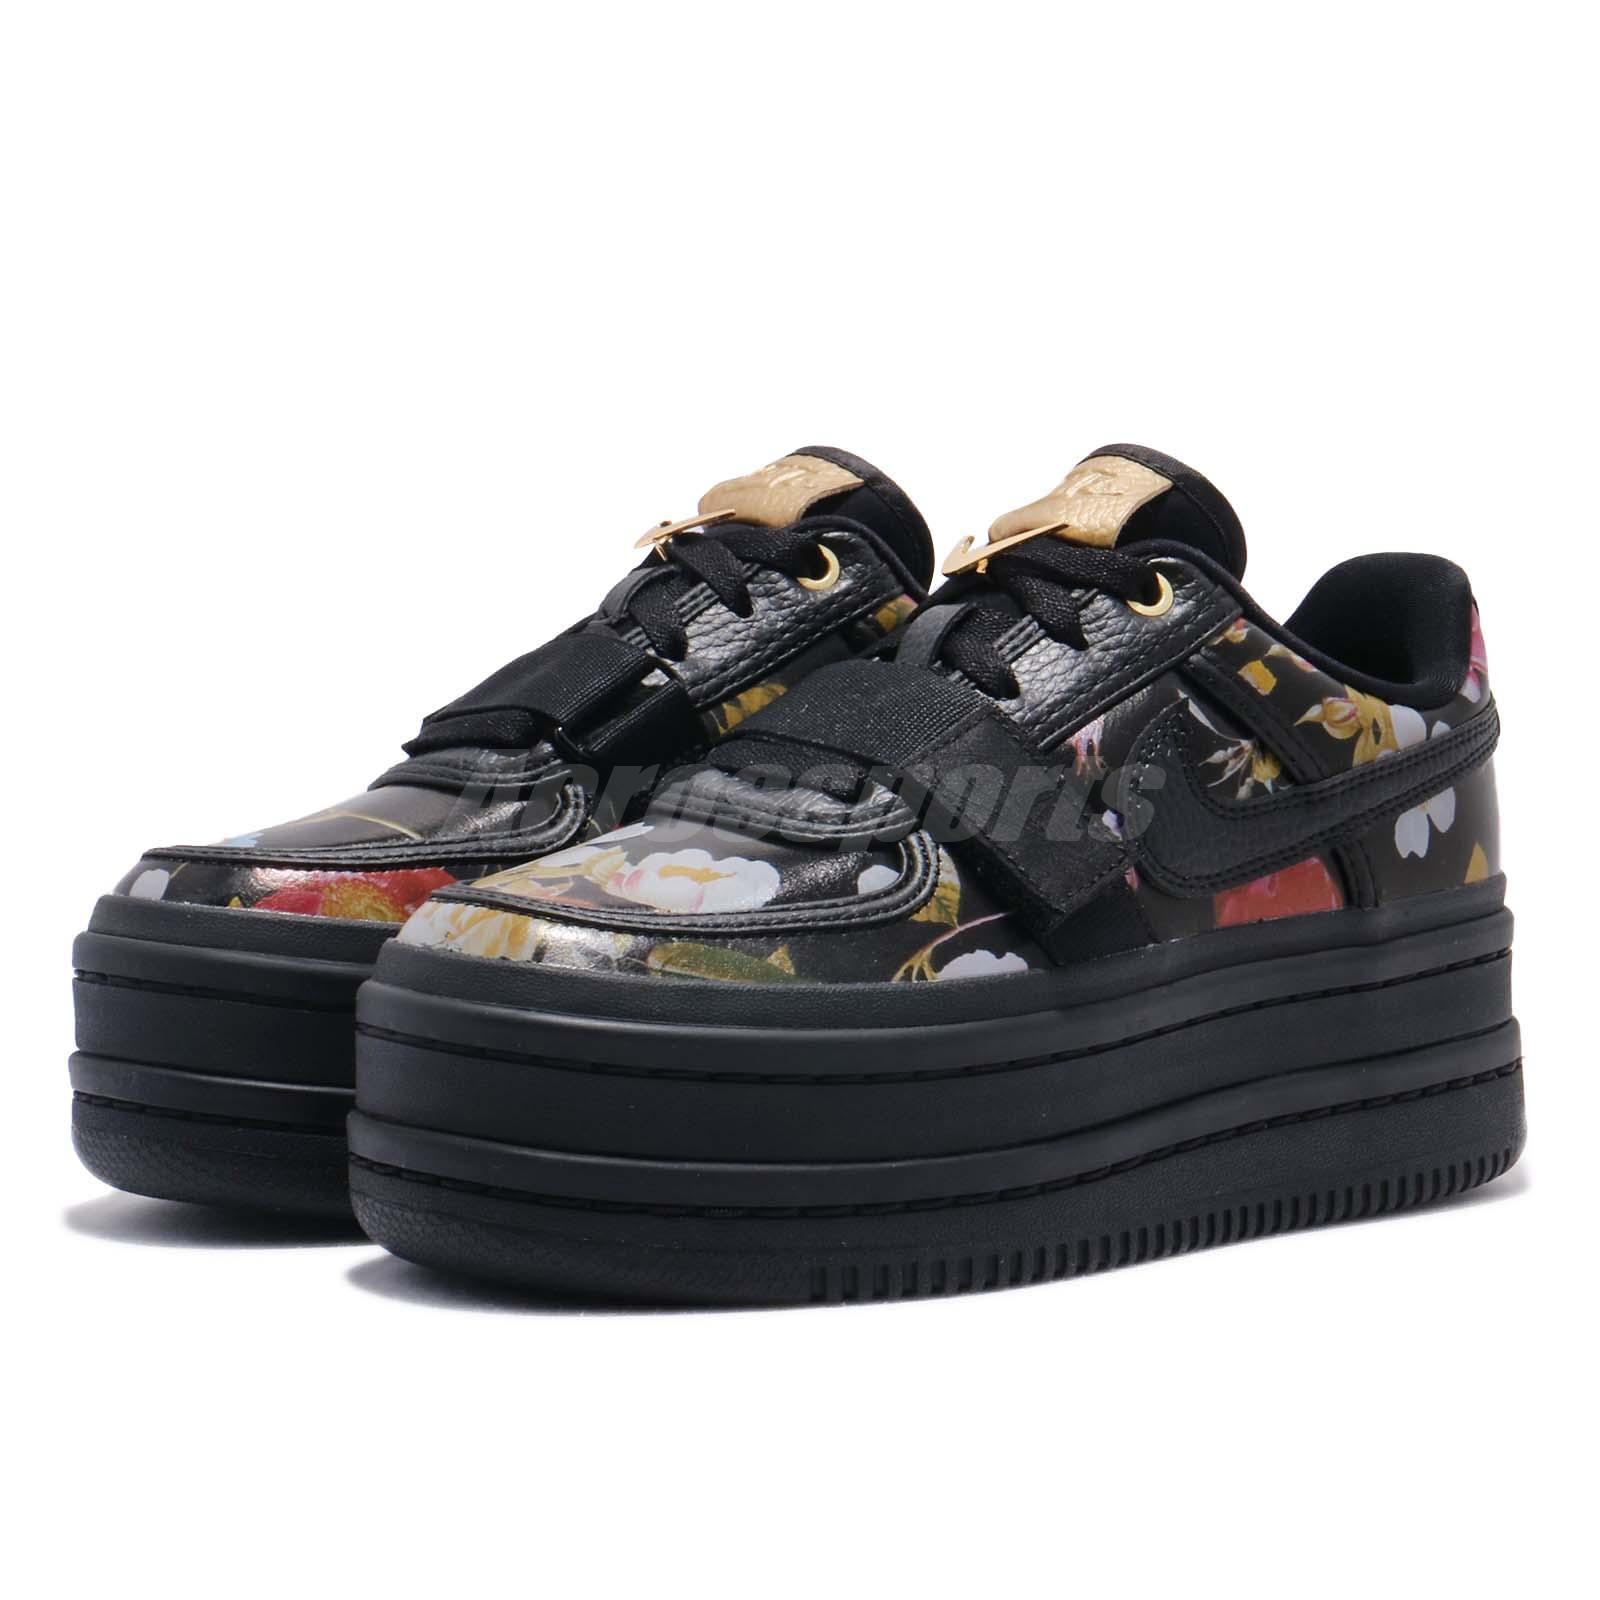 bc315d23994 Nike Wmns Vandal 2K LX Black Floral Platform Womens Casual Shoes ...